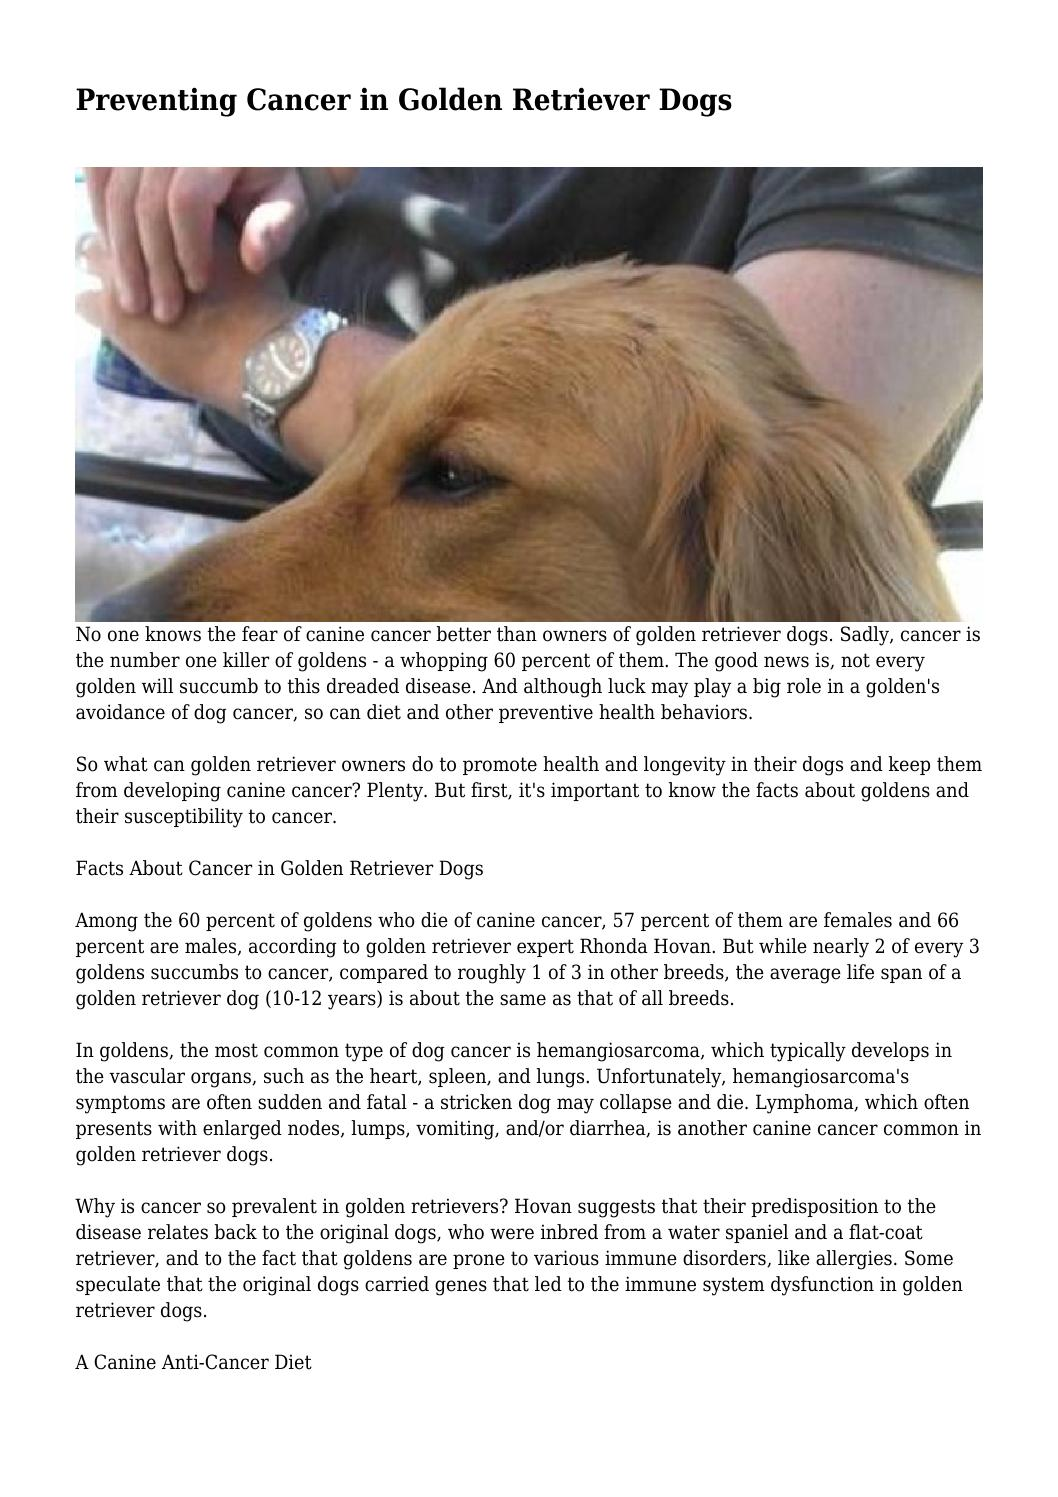 Fantastic Preventing Cancer Gen Retriever Dogs By Tracy Issuu Preventing Cancer Gen Retriever Dogs By Tracy Gen Retriever Facts Akc Gen Retriever Facts Uk bark post Golden Retriever Facts